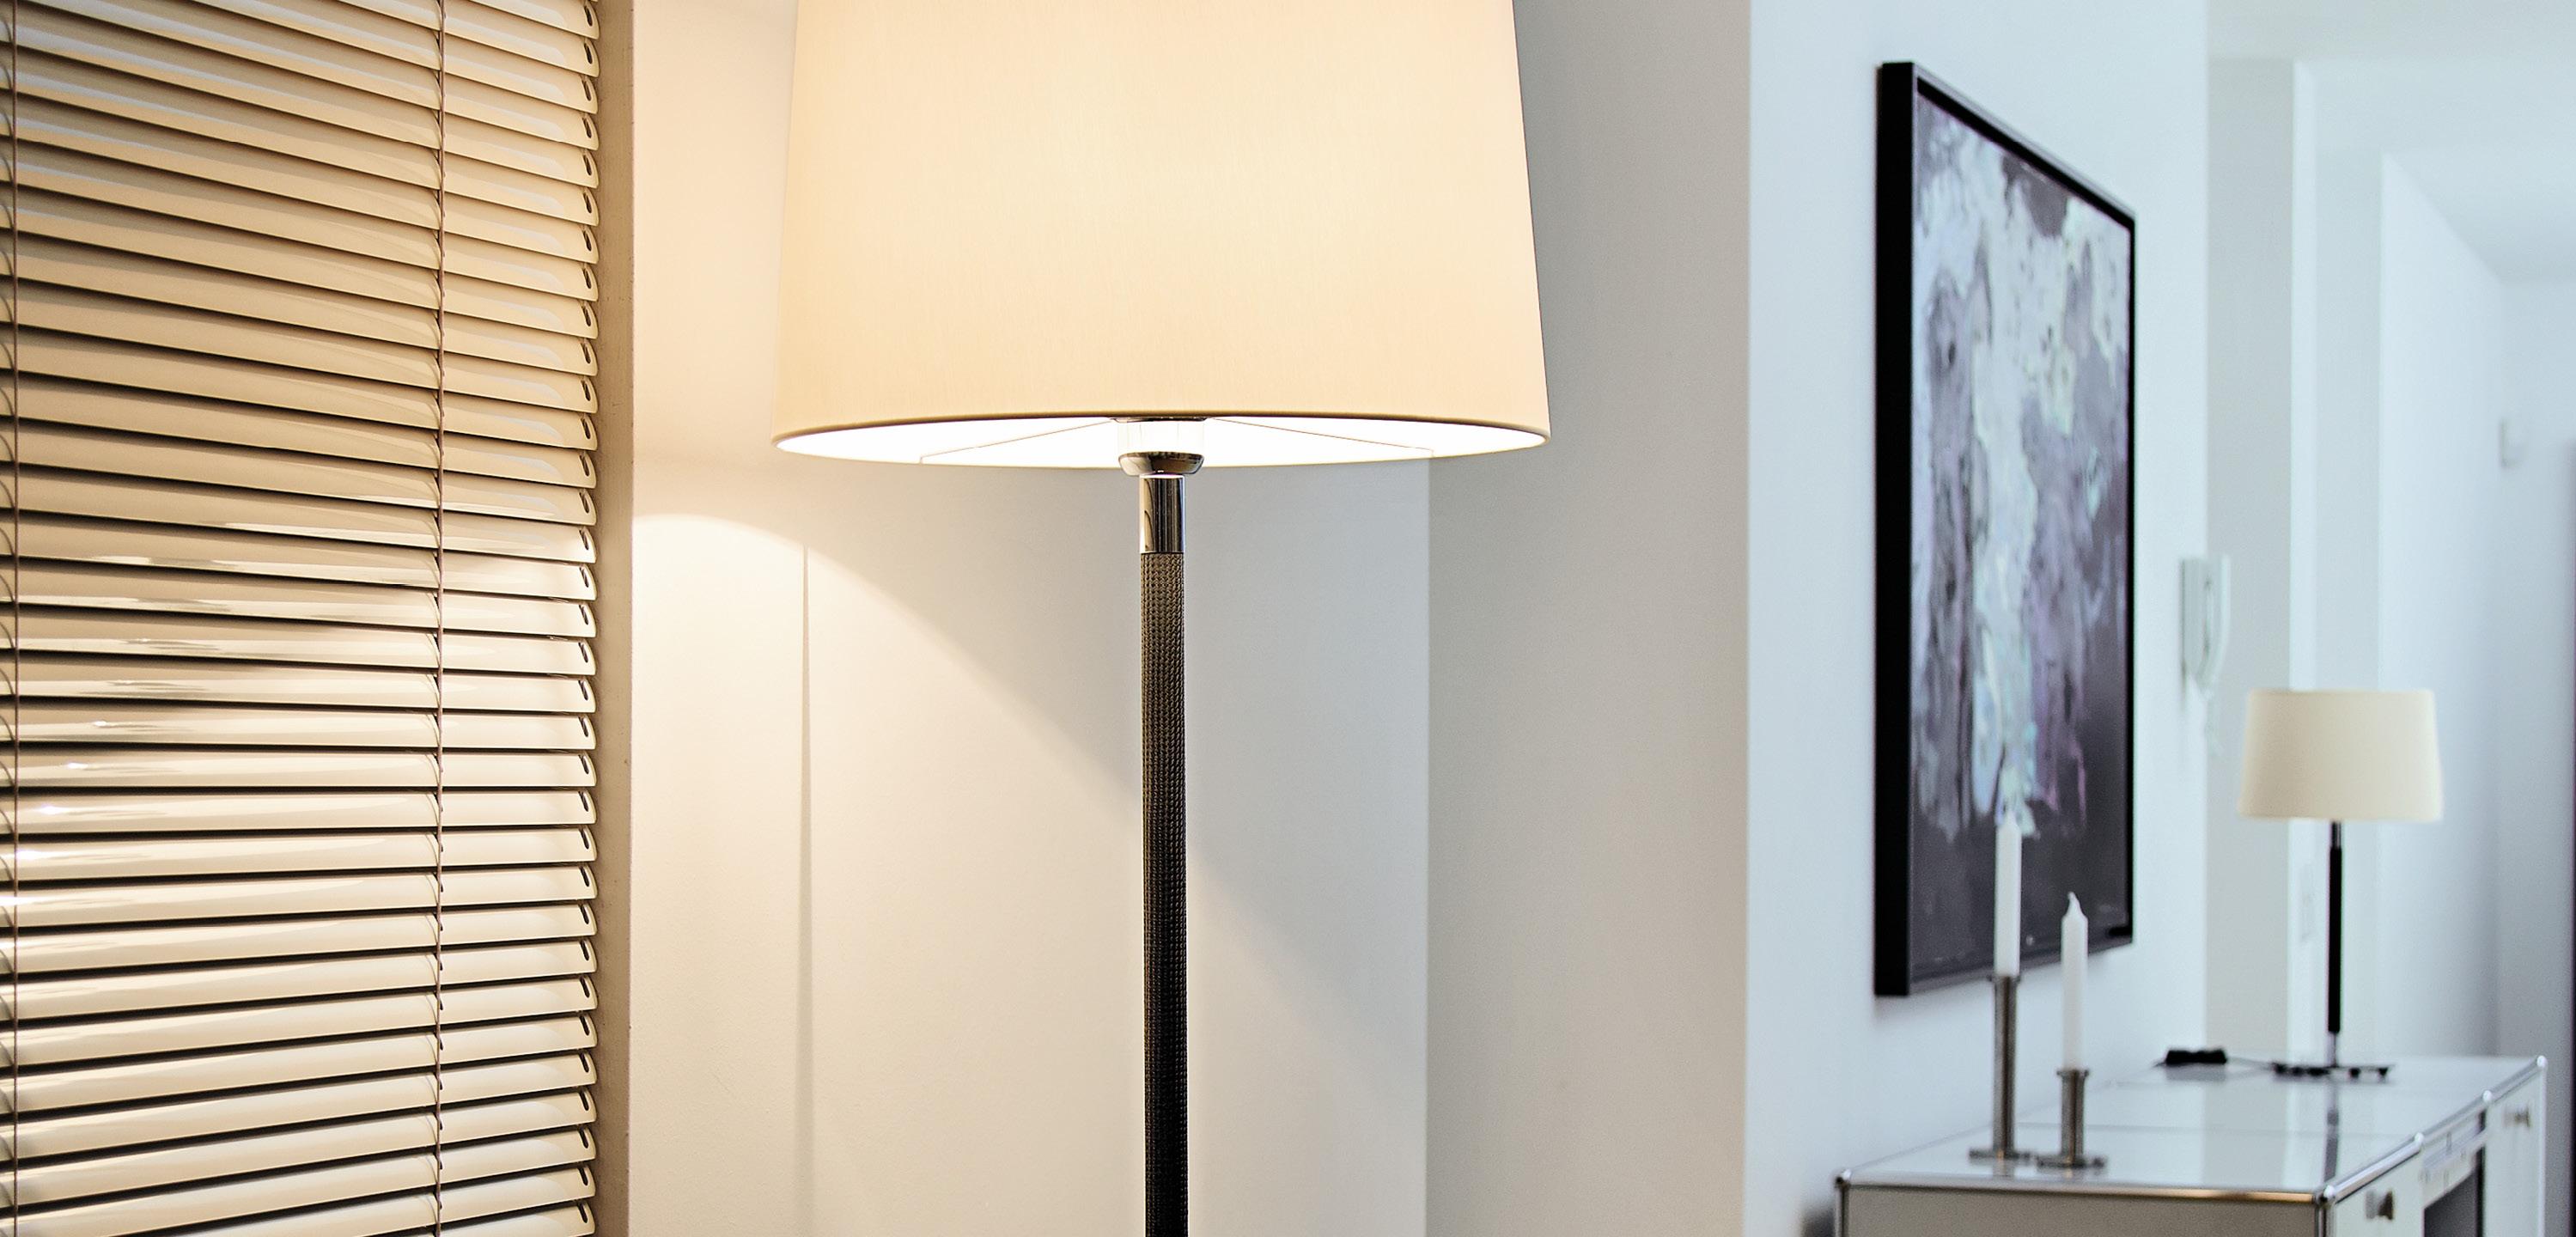 Die Stylishen Tisch  Und Stehleuchten Gibt Es In Verschiedenen Designs, Die  Dem Individuellen Raumkonzept Entsprechen Und Die Stilrichtung Betonen.